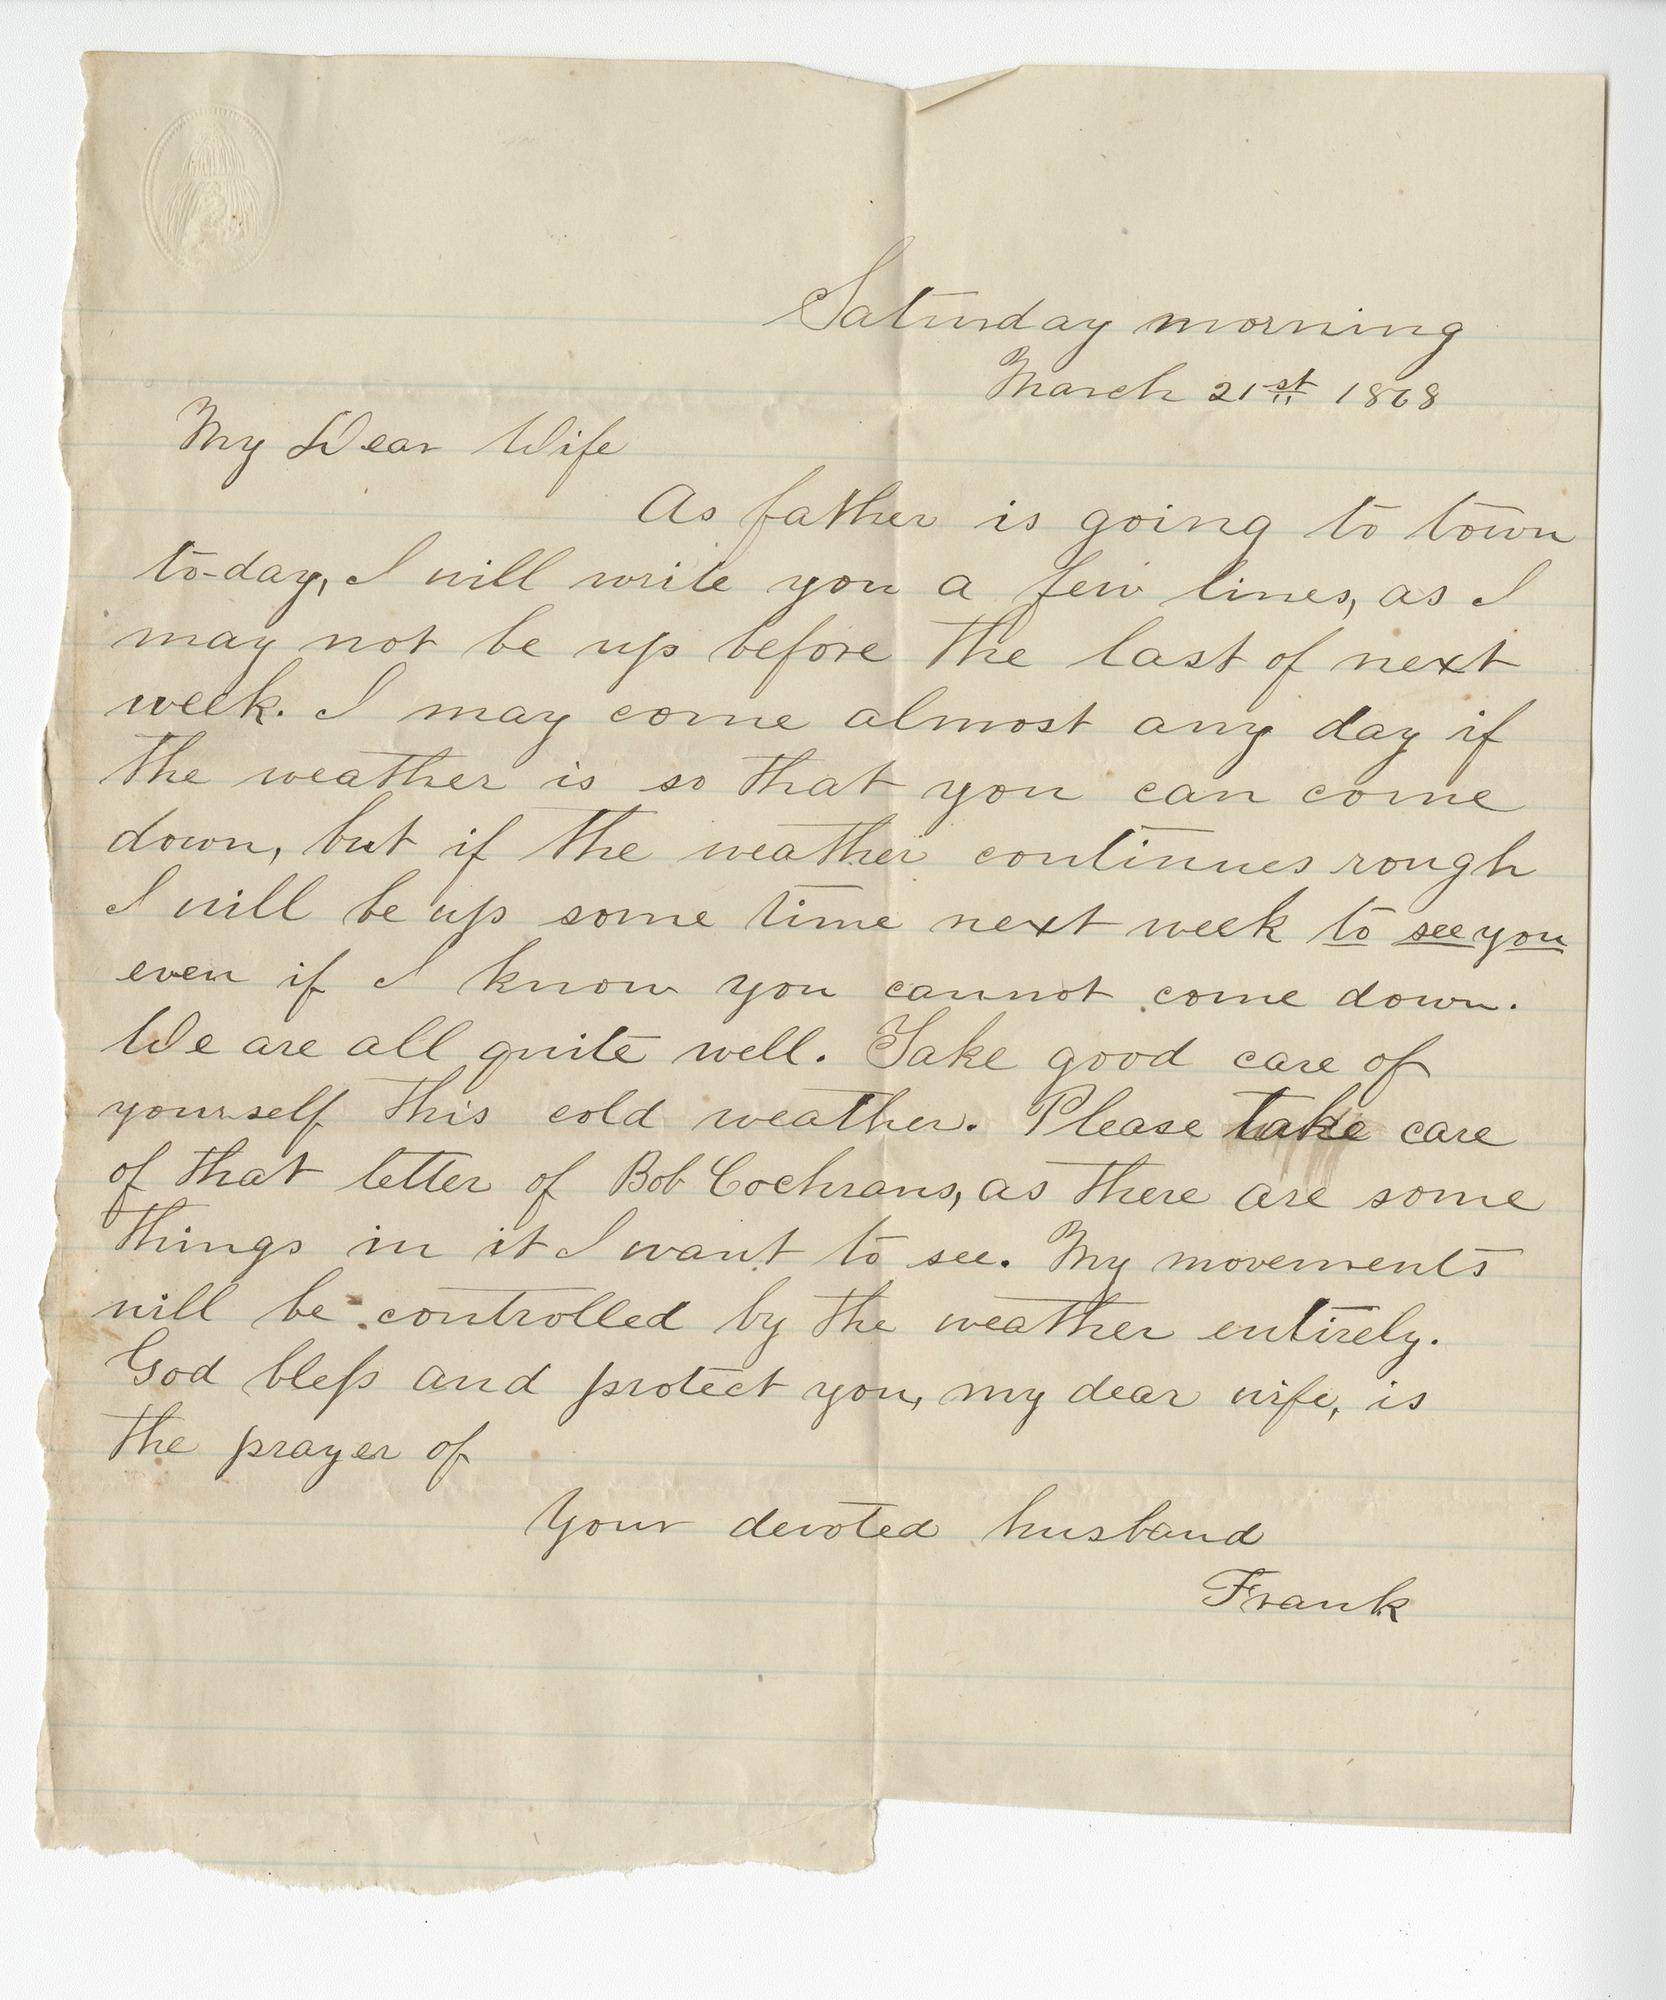 Ms2016-013_HeizerJames_Letter_1868_0321a.jpg